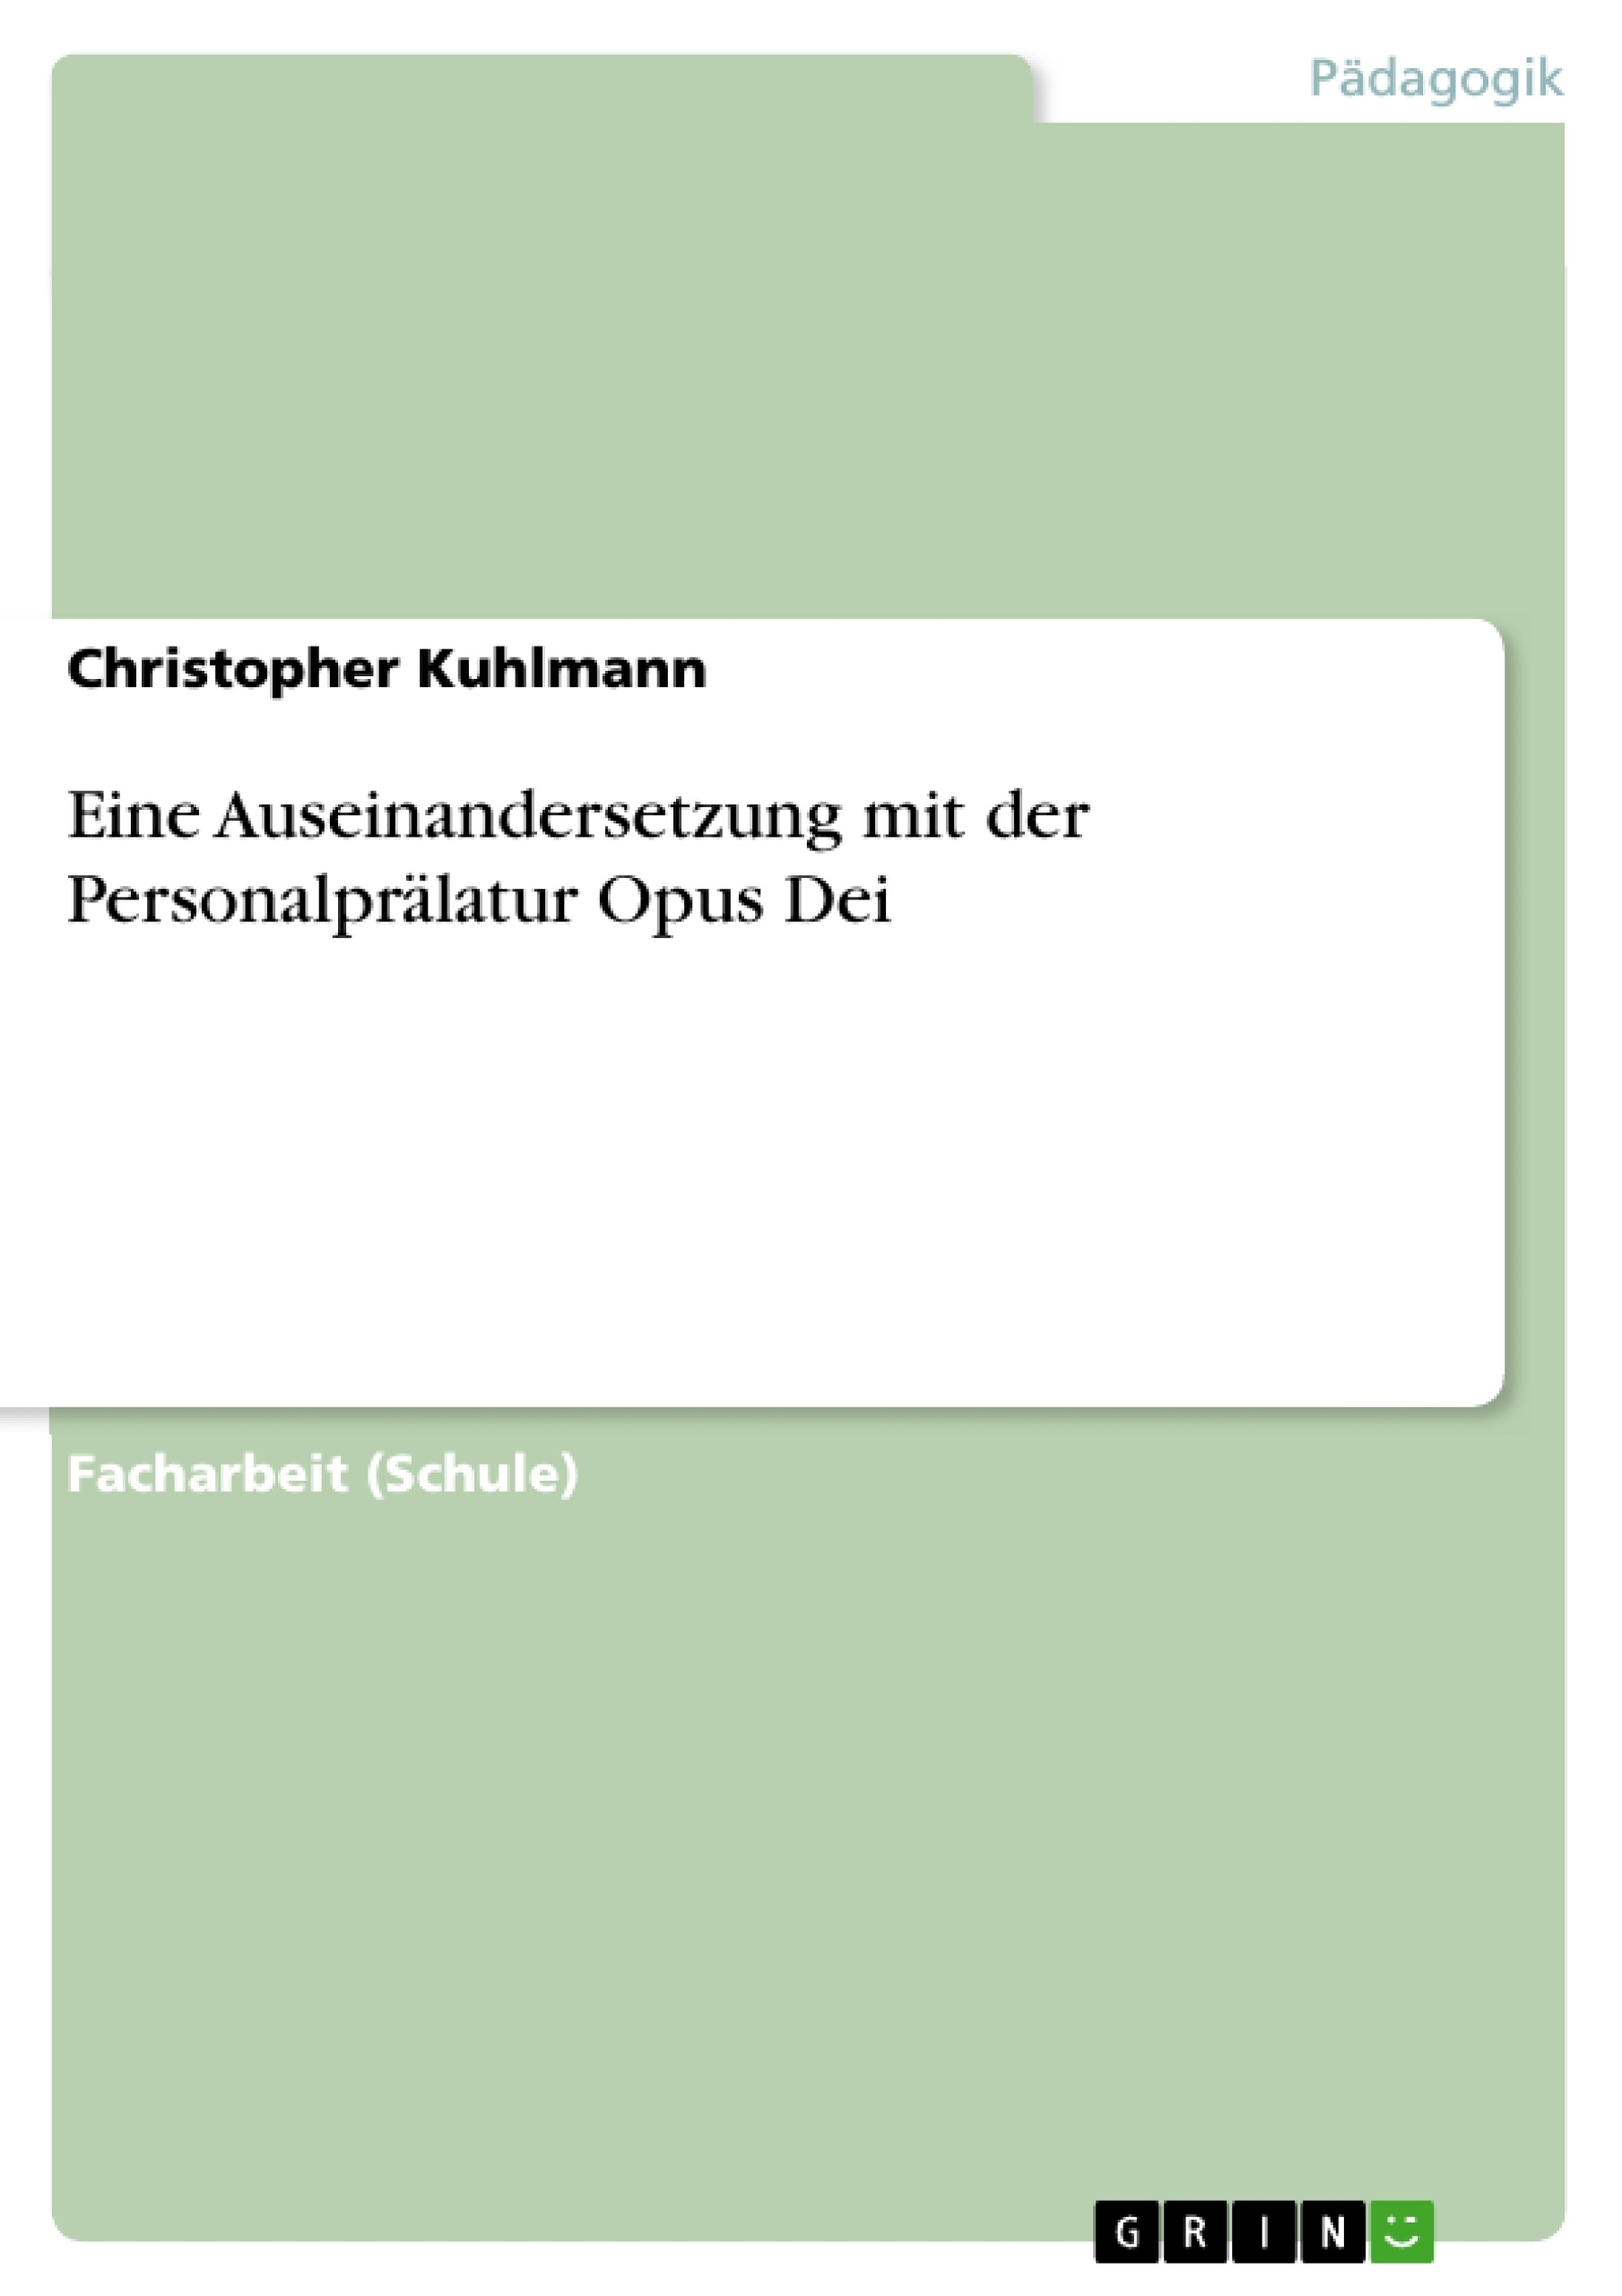 Titel: Eine Auseinandersetzung mit der Personalprälatur Opus Dei